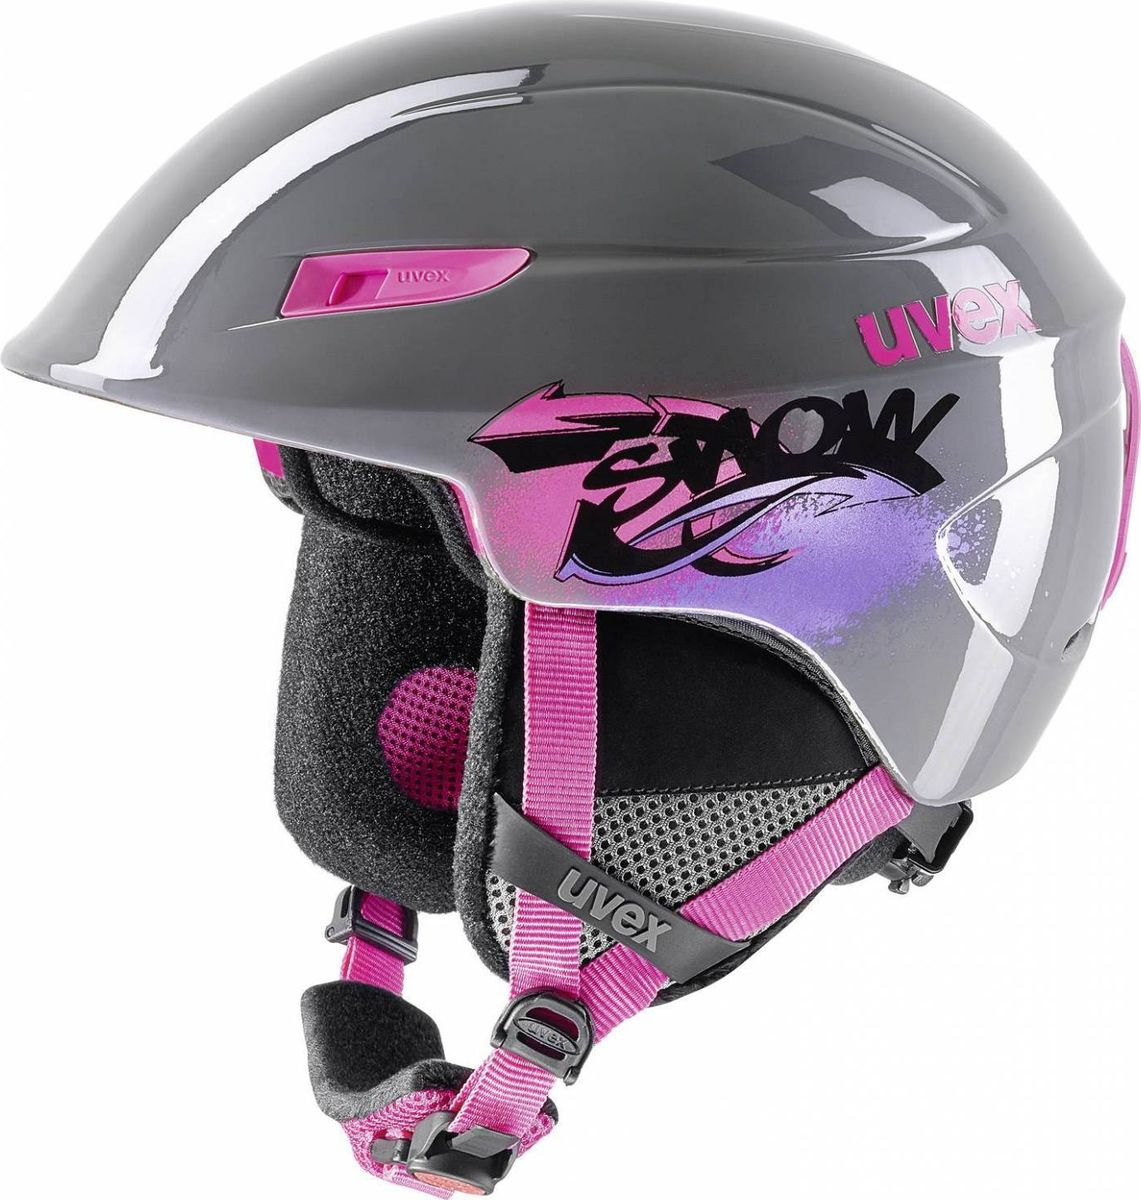 Шлем горнолыжный детский Uvex U-kid Kids Helmet, цвет: серый. Размер 51/556218Детский шлем Uvex U-kid Kids Helmet обеспечит юному лыжнику максимальный комфорт на склоне. В модели предусмотрены система вентиляции и фиксатор стрэпа маски. Подкладка выполнена из гипоаллергенного материала.